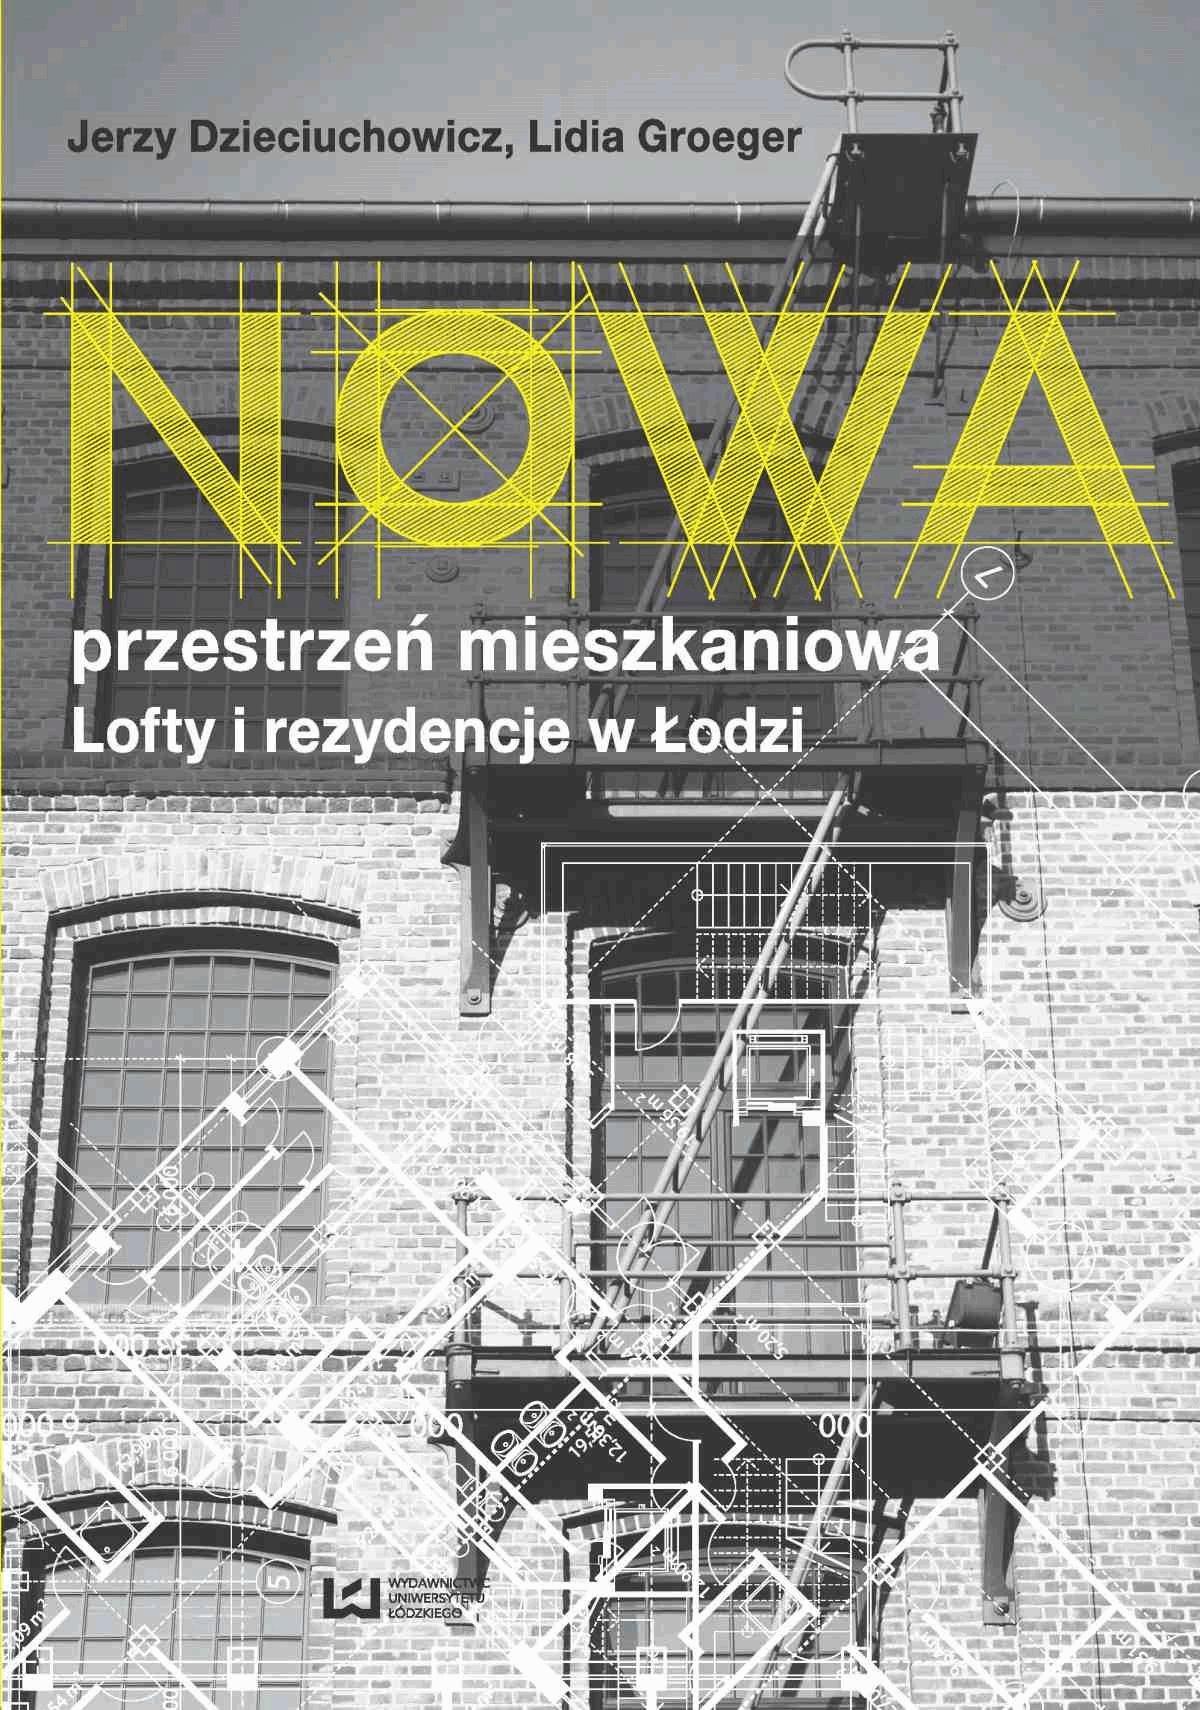 Nowa przestrzeń mieszkaniowa. Lofty i rezydencje w Łodzi - Jerzy Dzieciuchowicz, Lidia Groeger